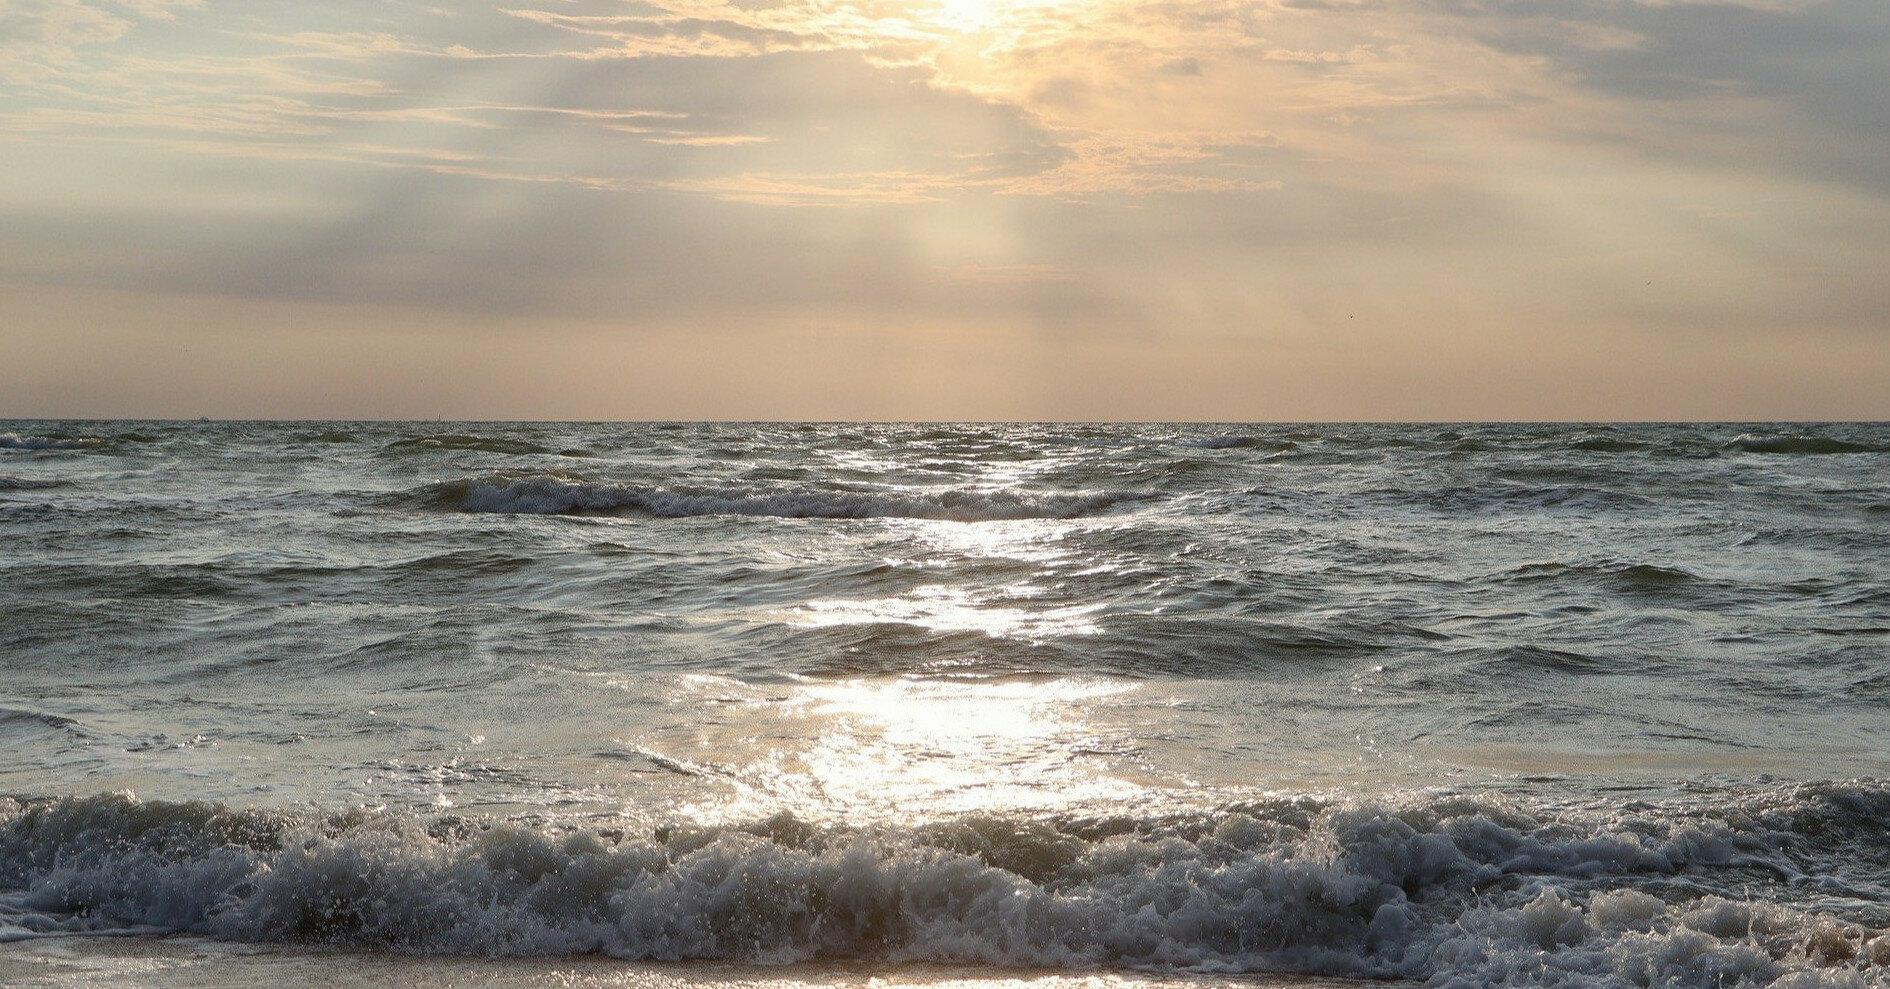 Пляжи Бердянска после мощного шторма засыпало медузами